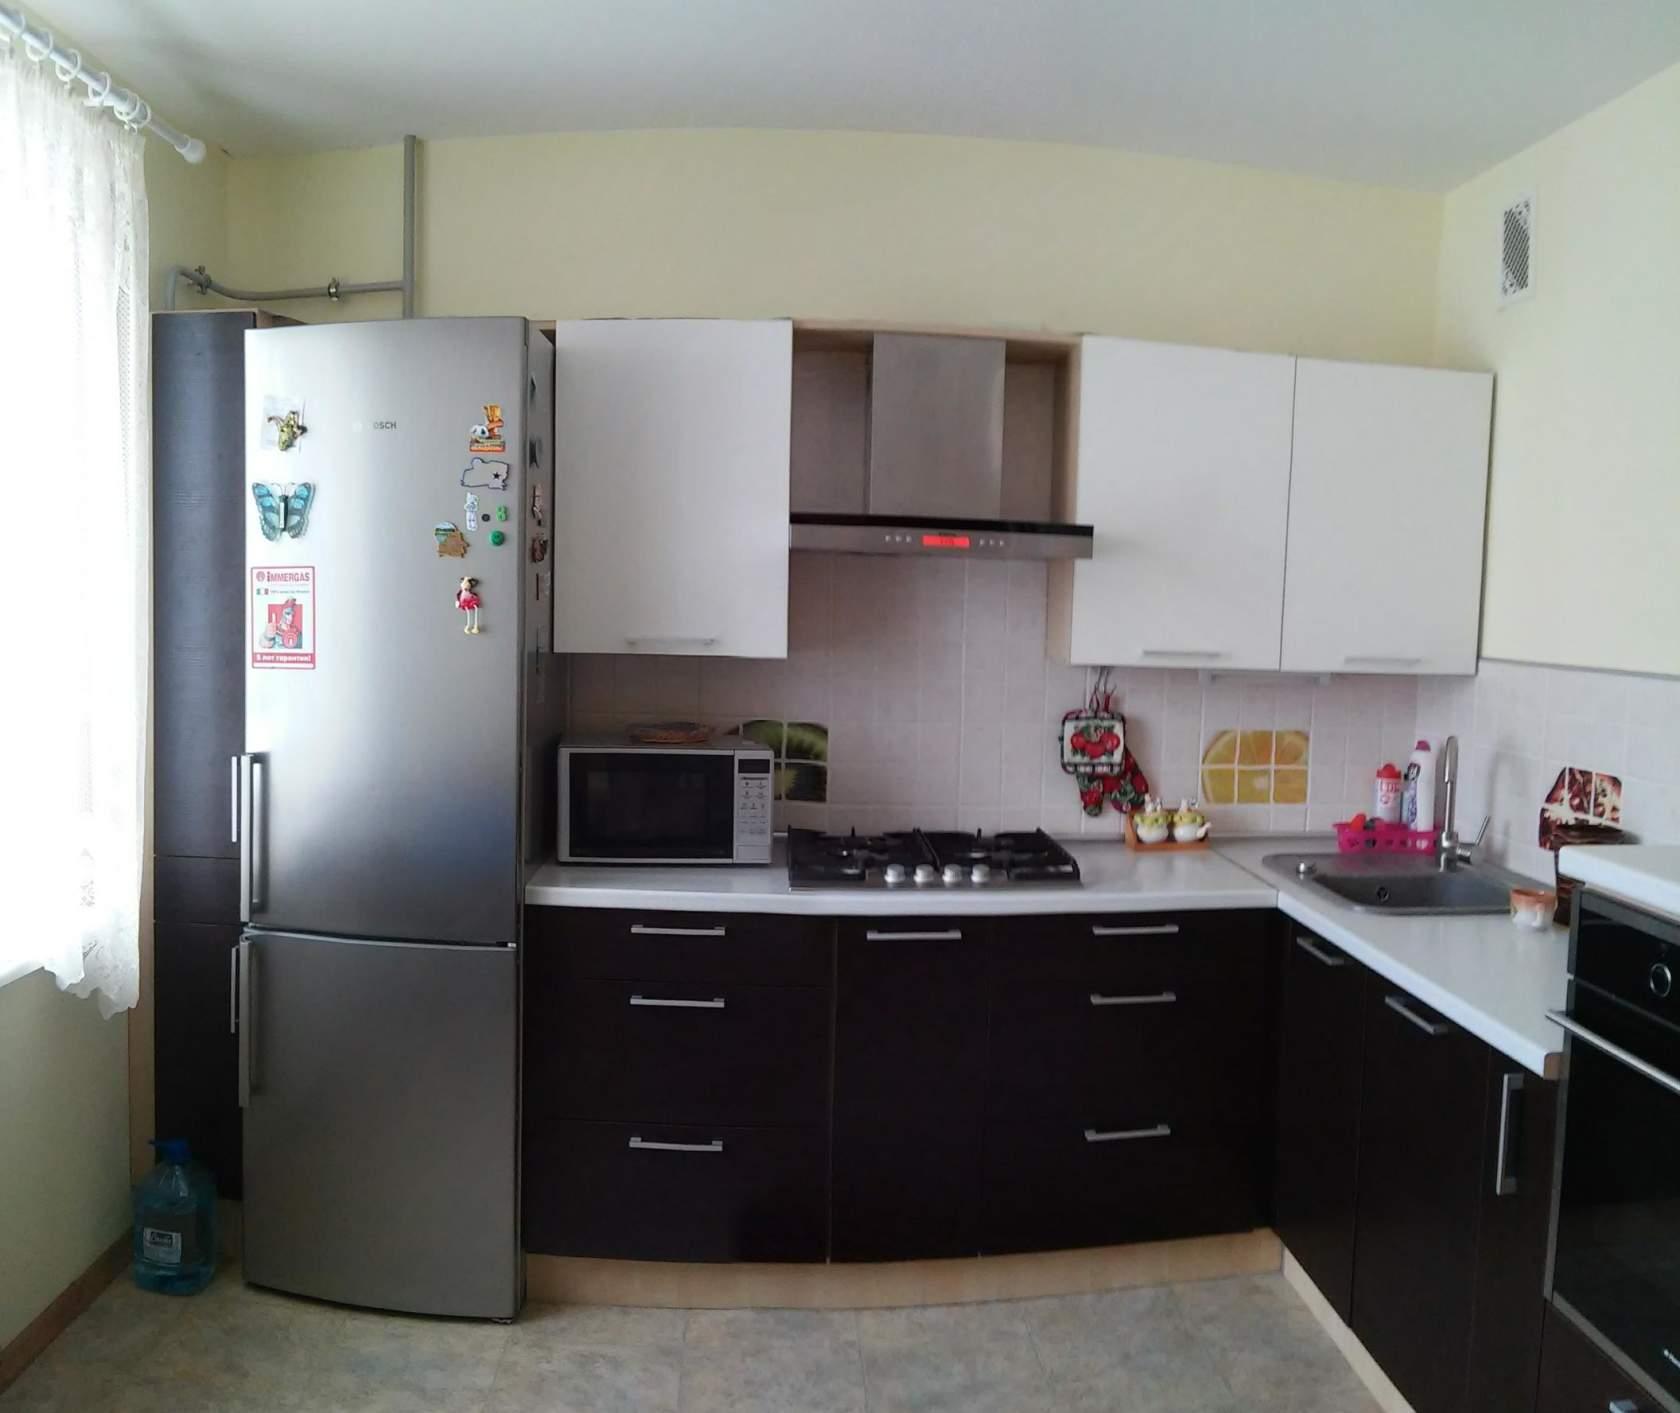 Угловой кухонный гарнитур: правила выбора и планировки | фото